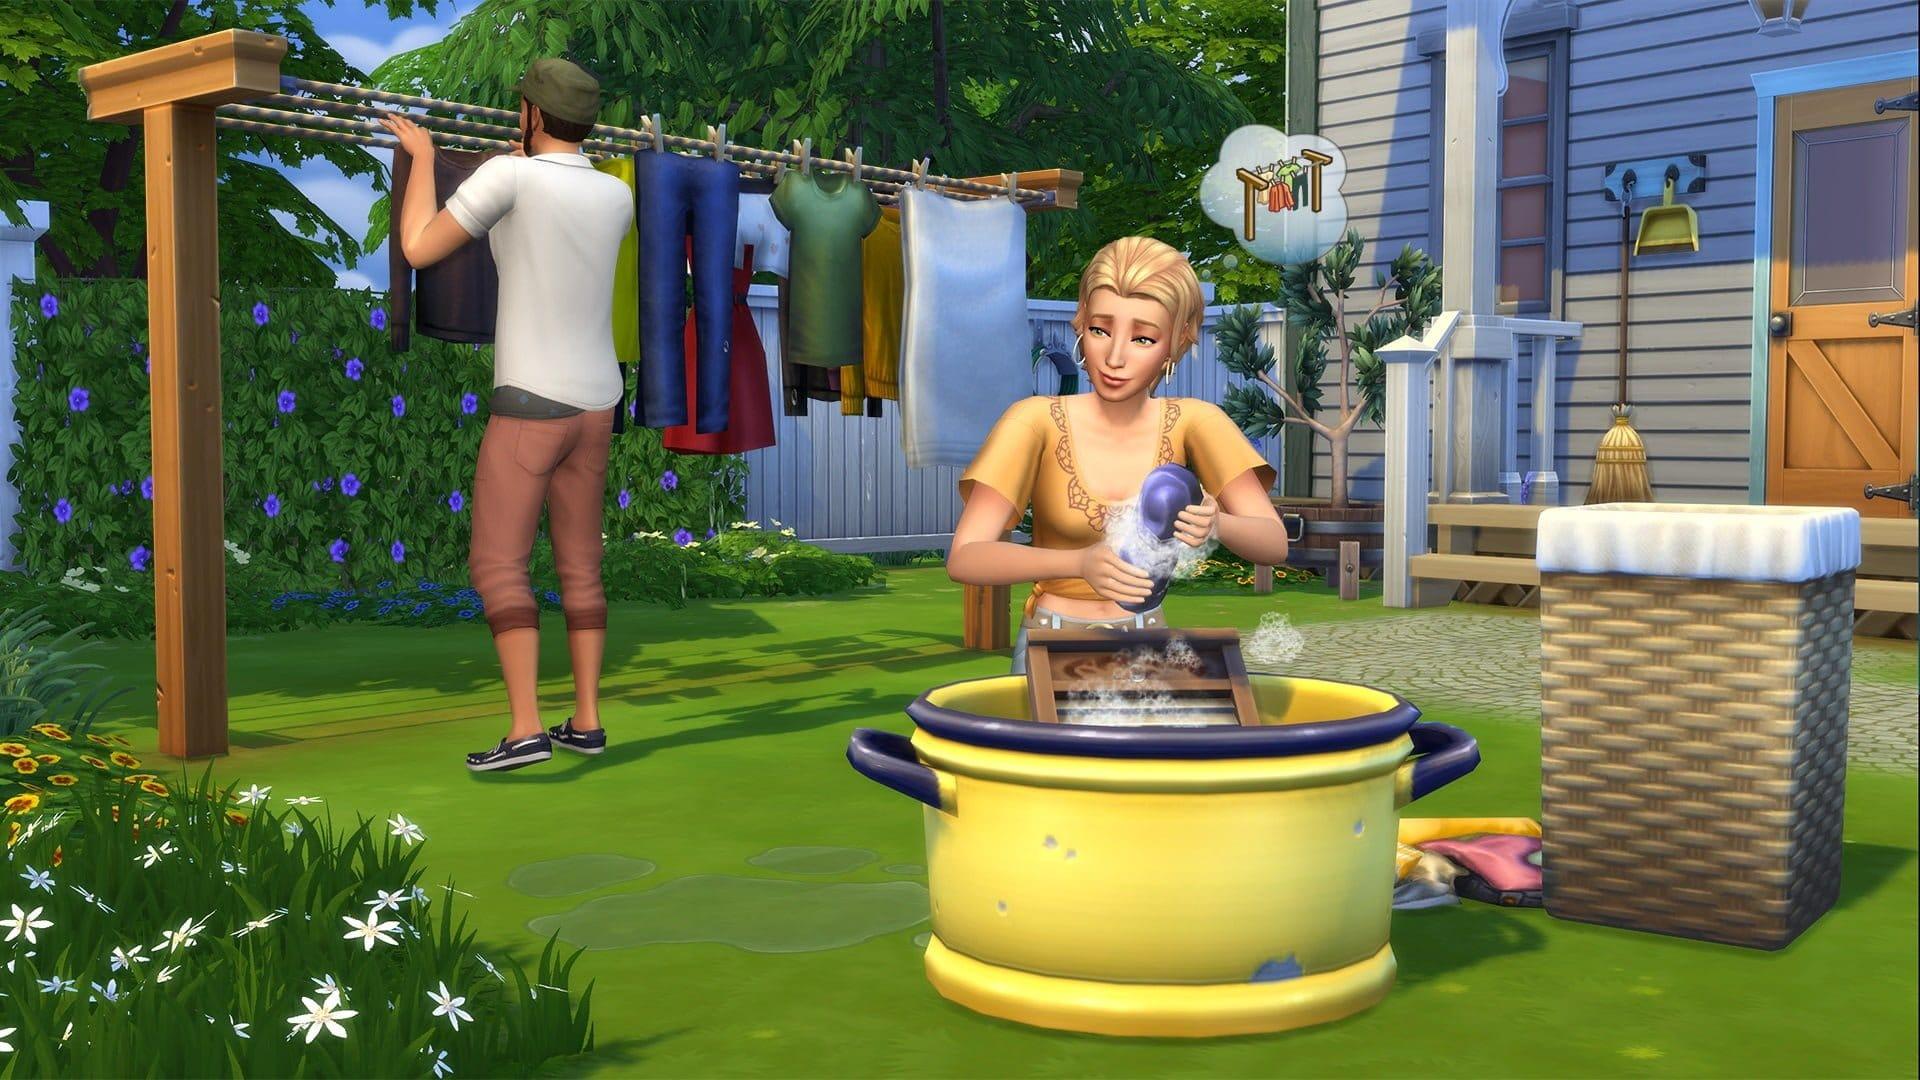 Les Sims 4 Jour de Lessive [16 Janvier 2018] TS4_SP13_OFFICIAL_SCREEN_01_002_1080